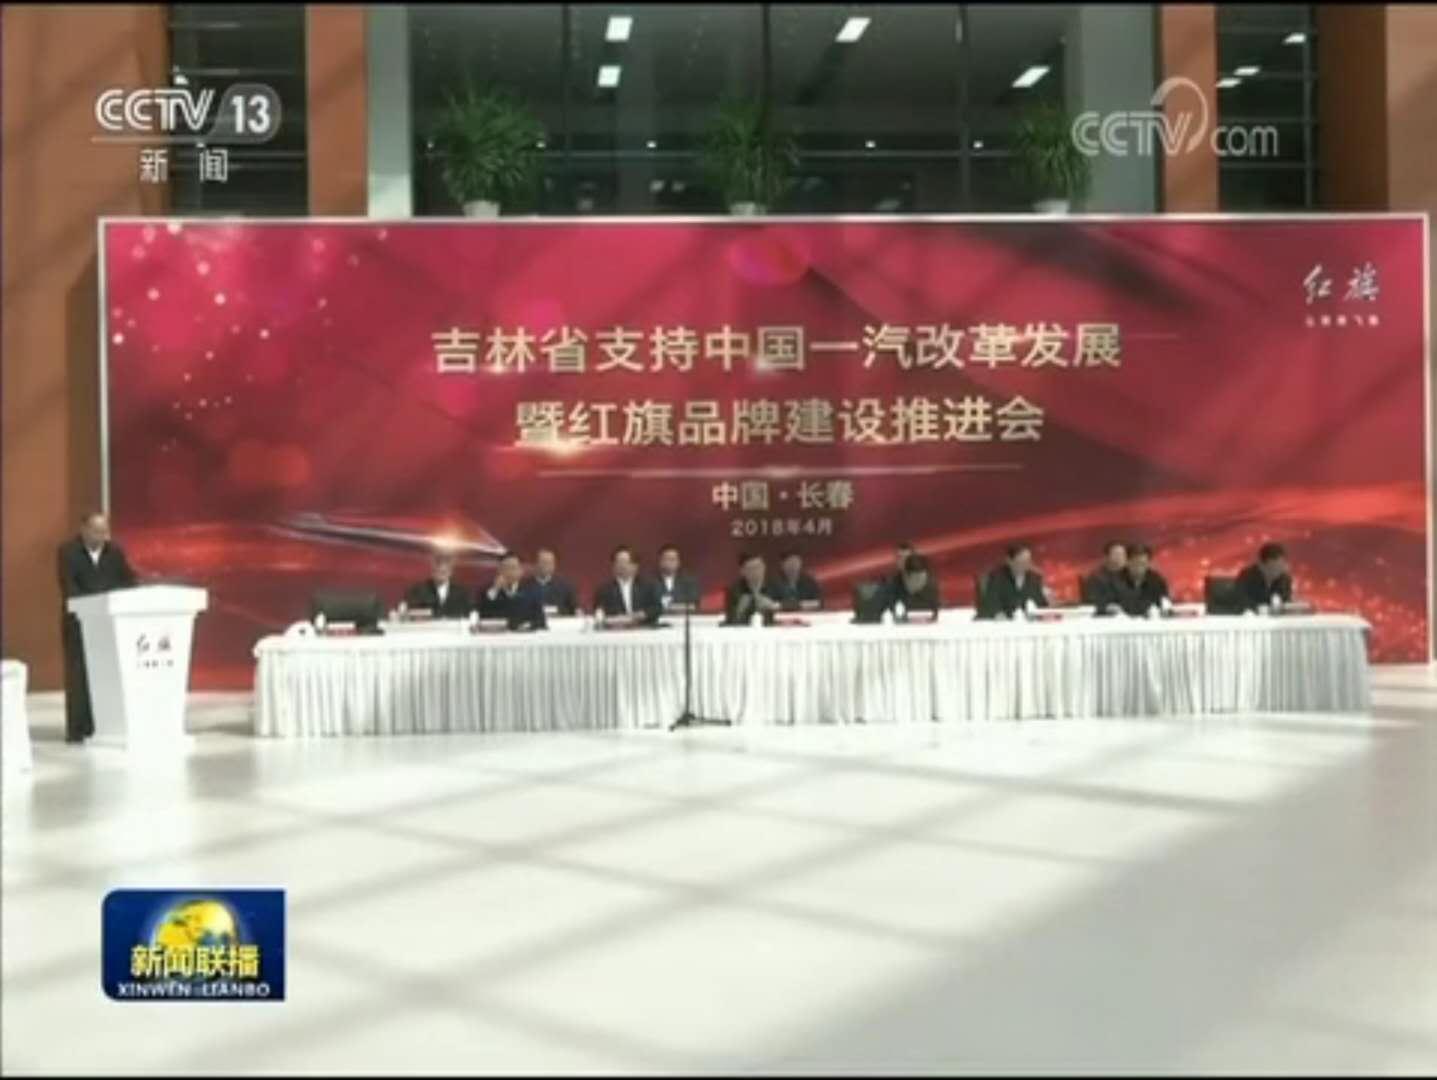 吉林举全省之力支持一汽改革发展  加快建设世界一流企业